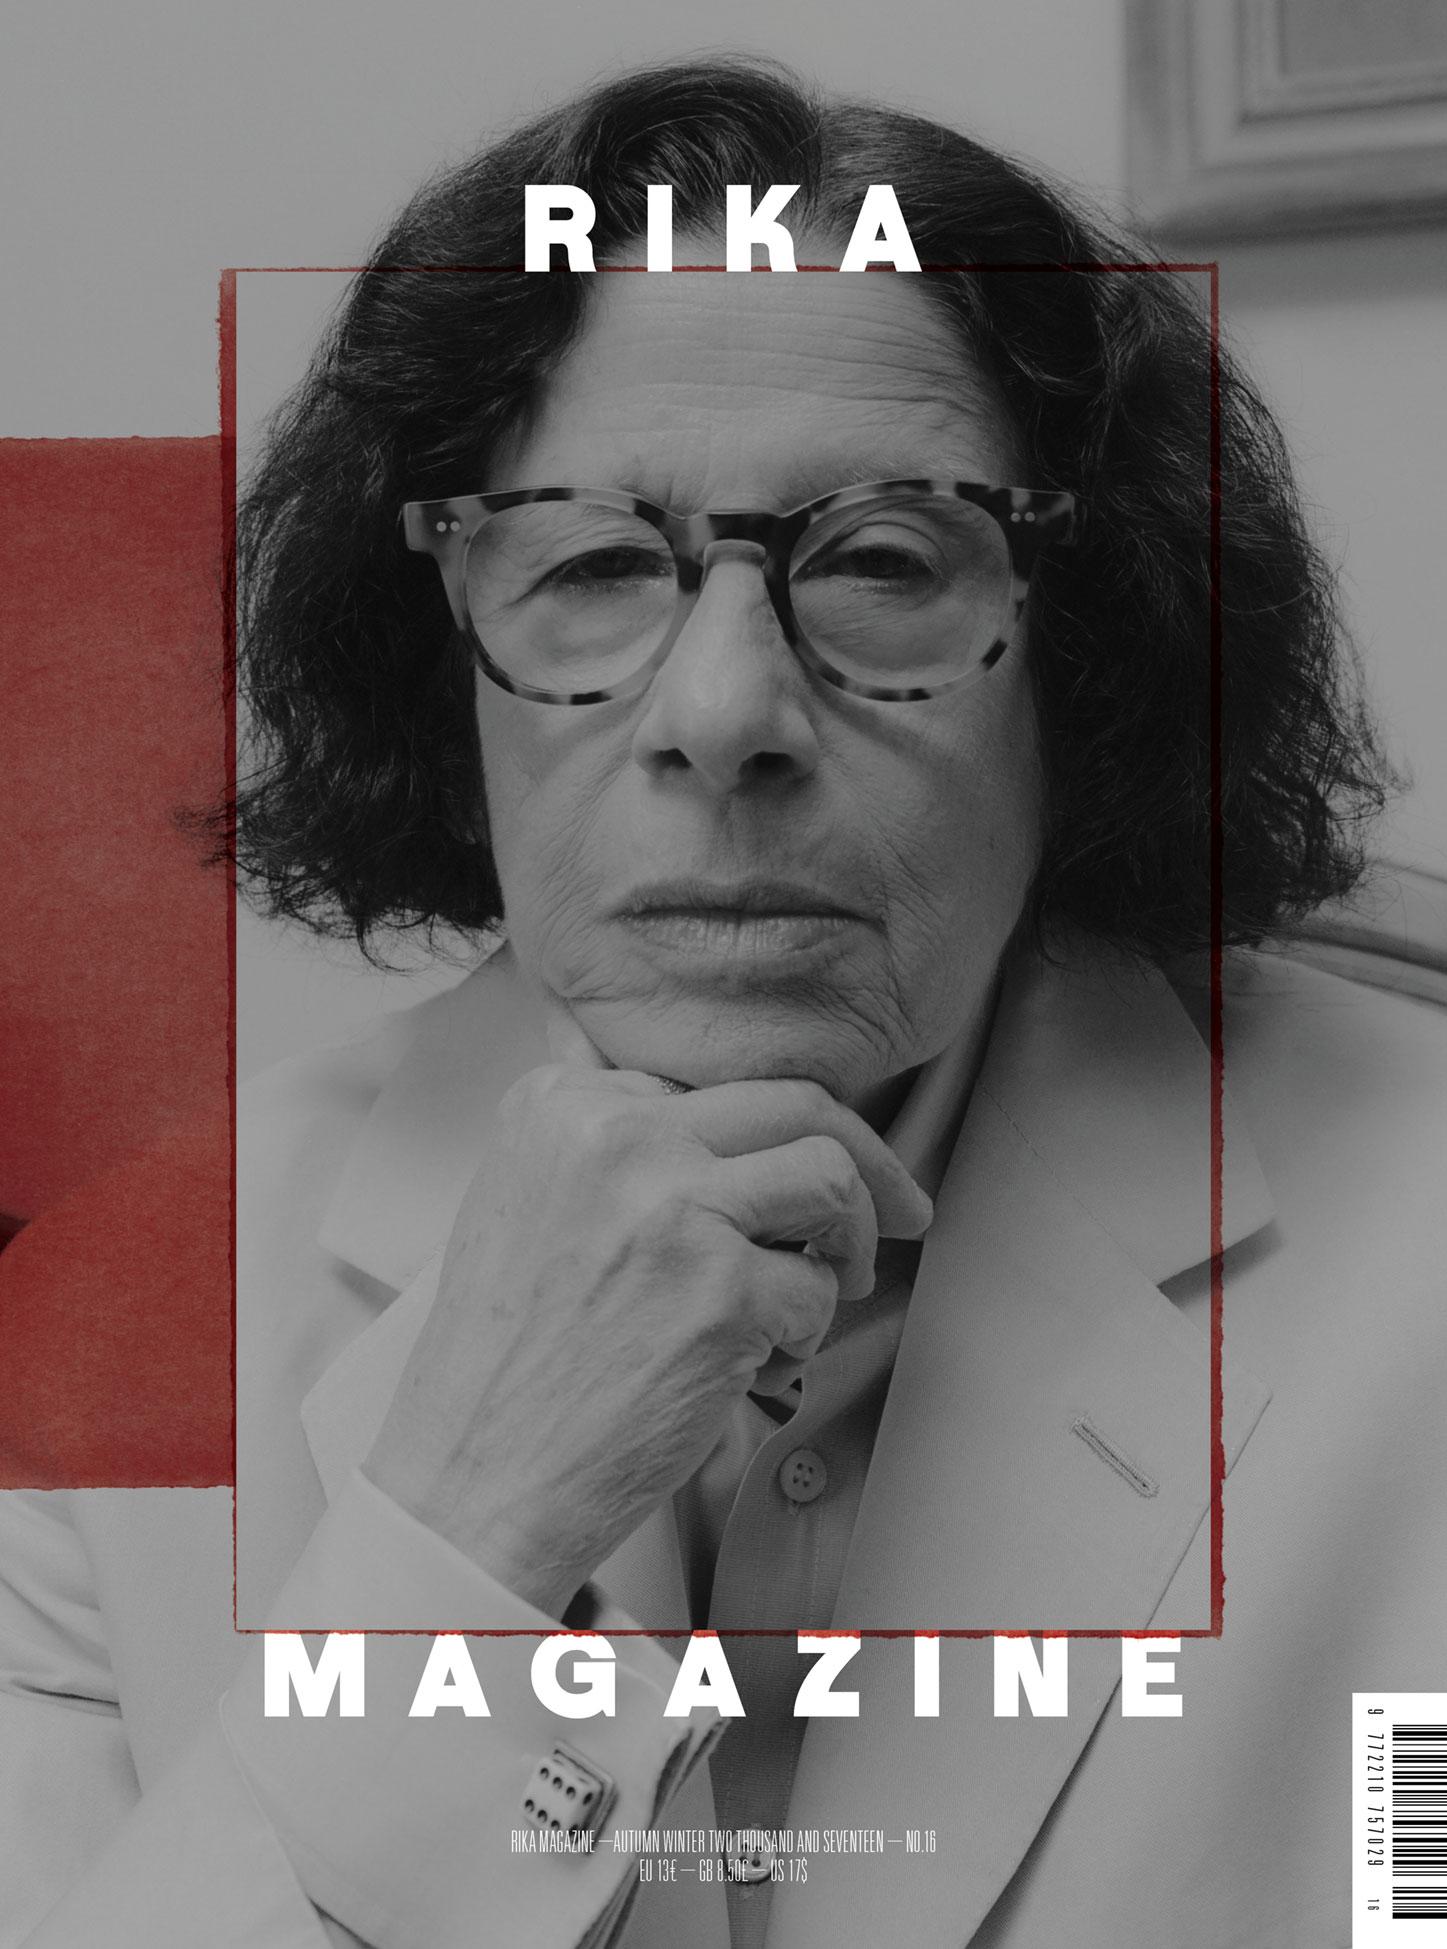 RIKAMAG-FW17_COVER_FIN-4_150DPI.jpg